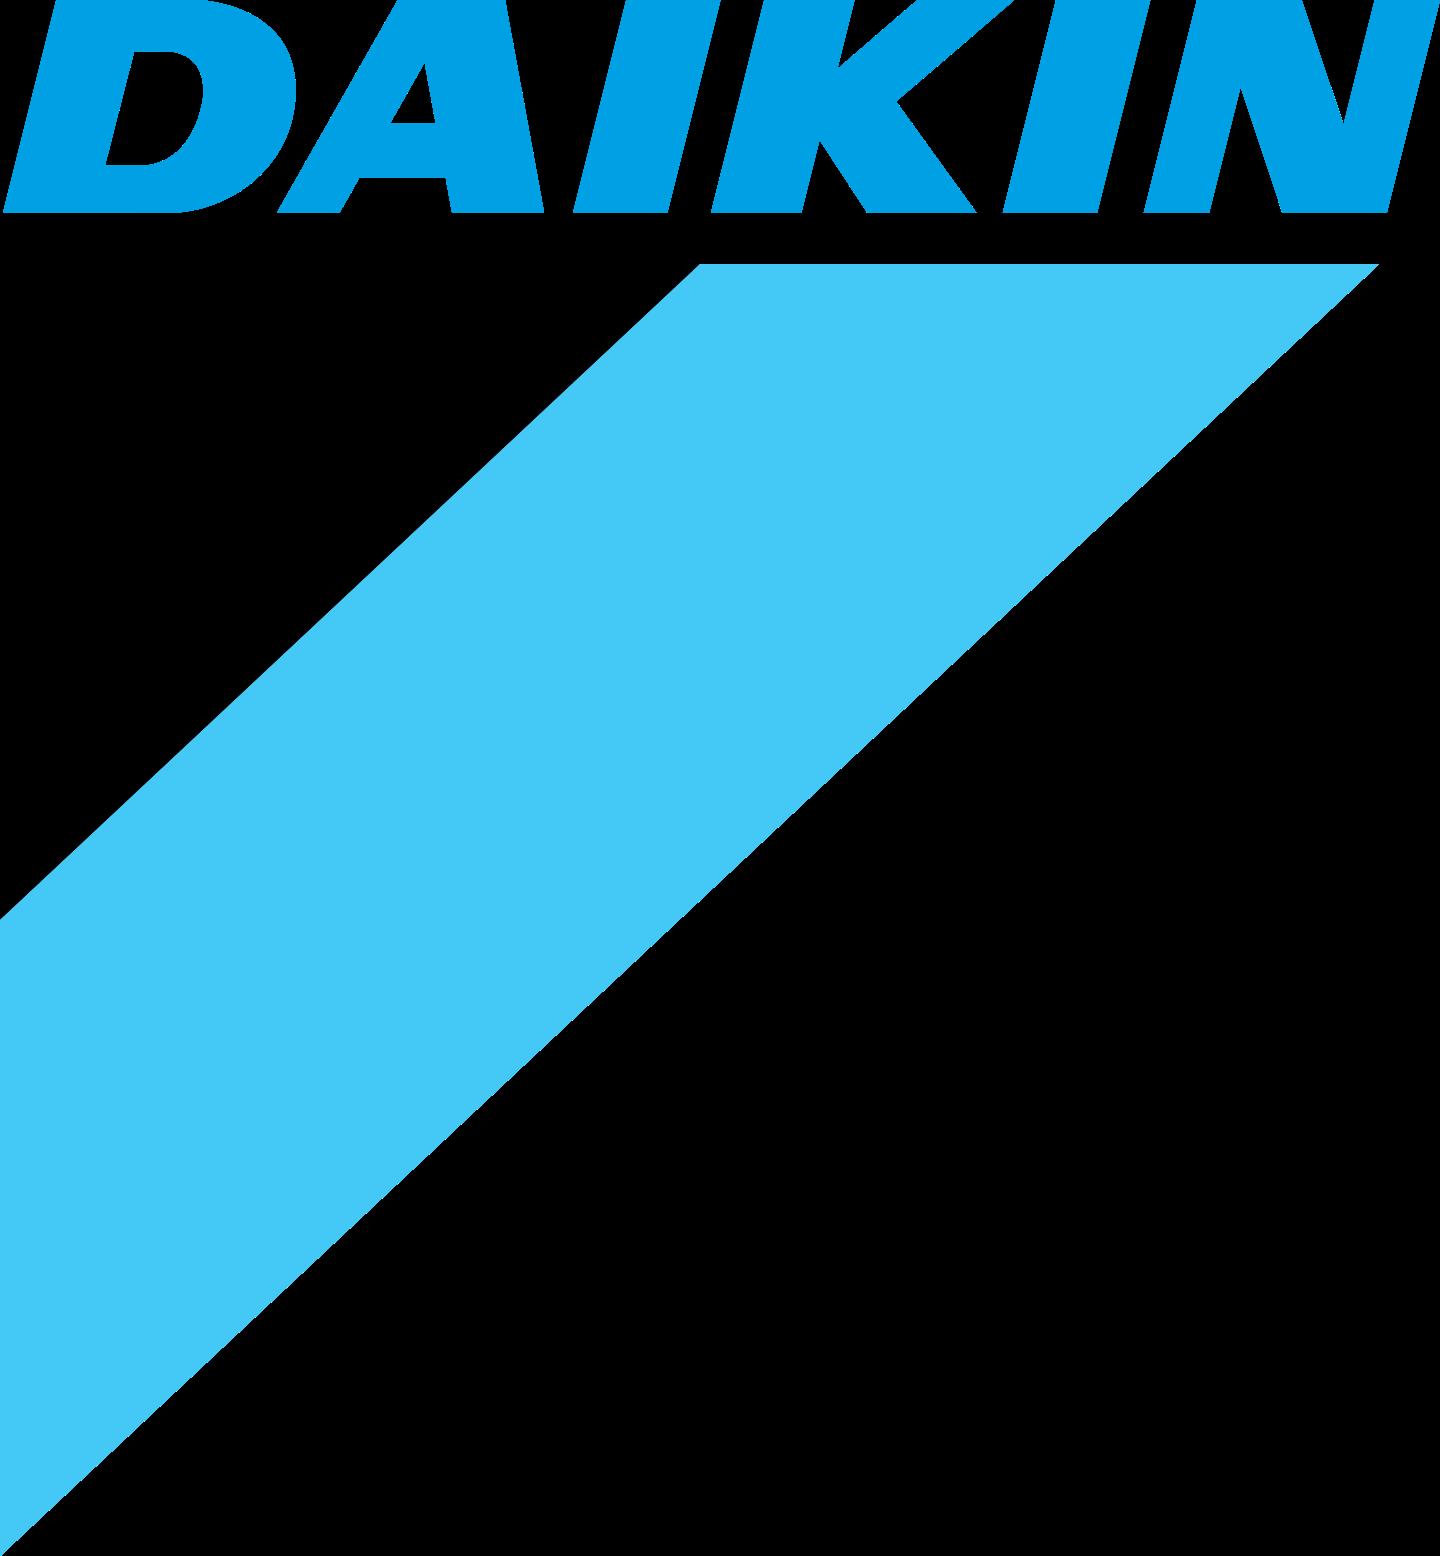 daikin logo 3 - Daikin Logo